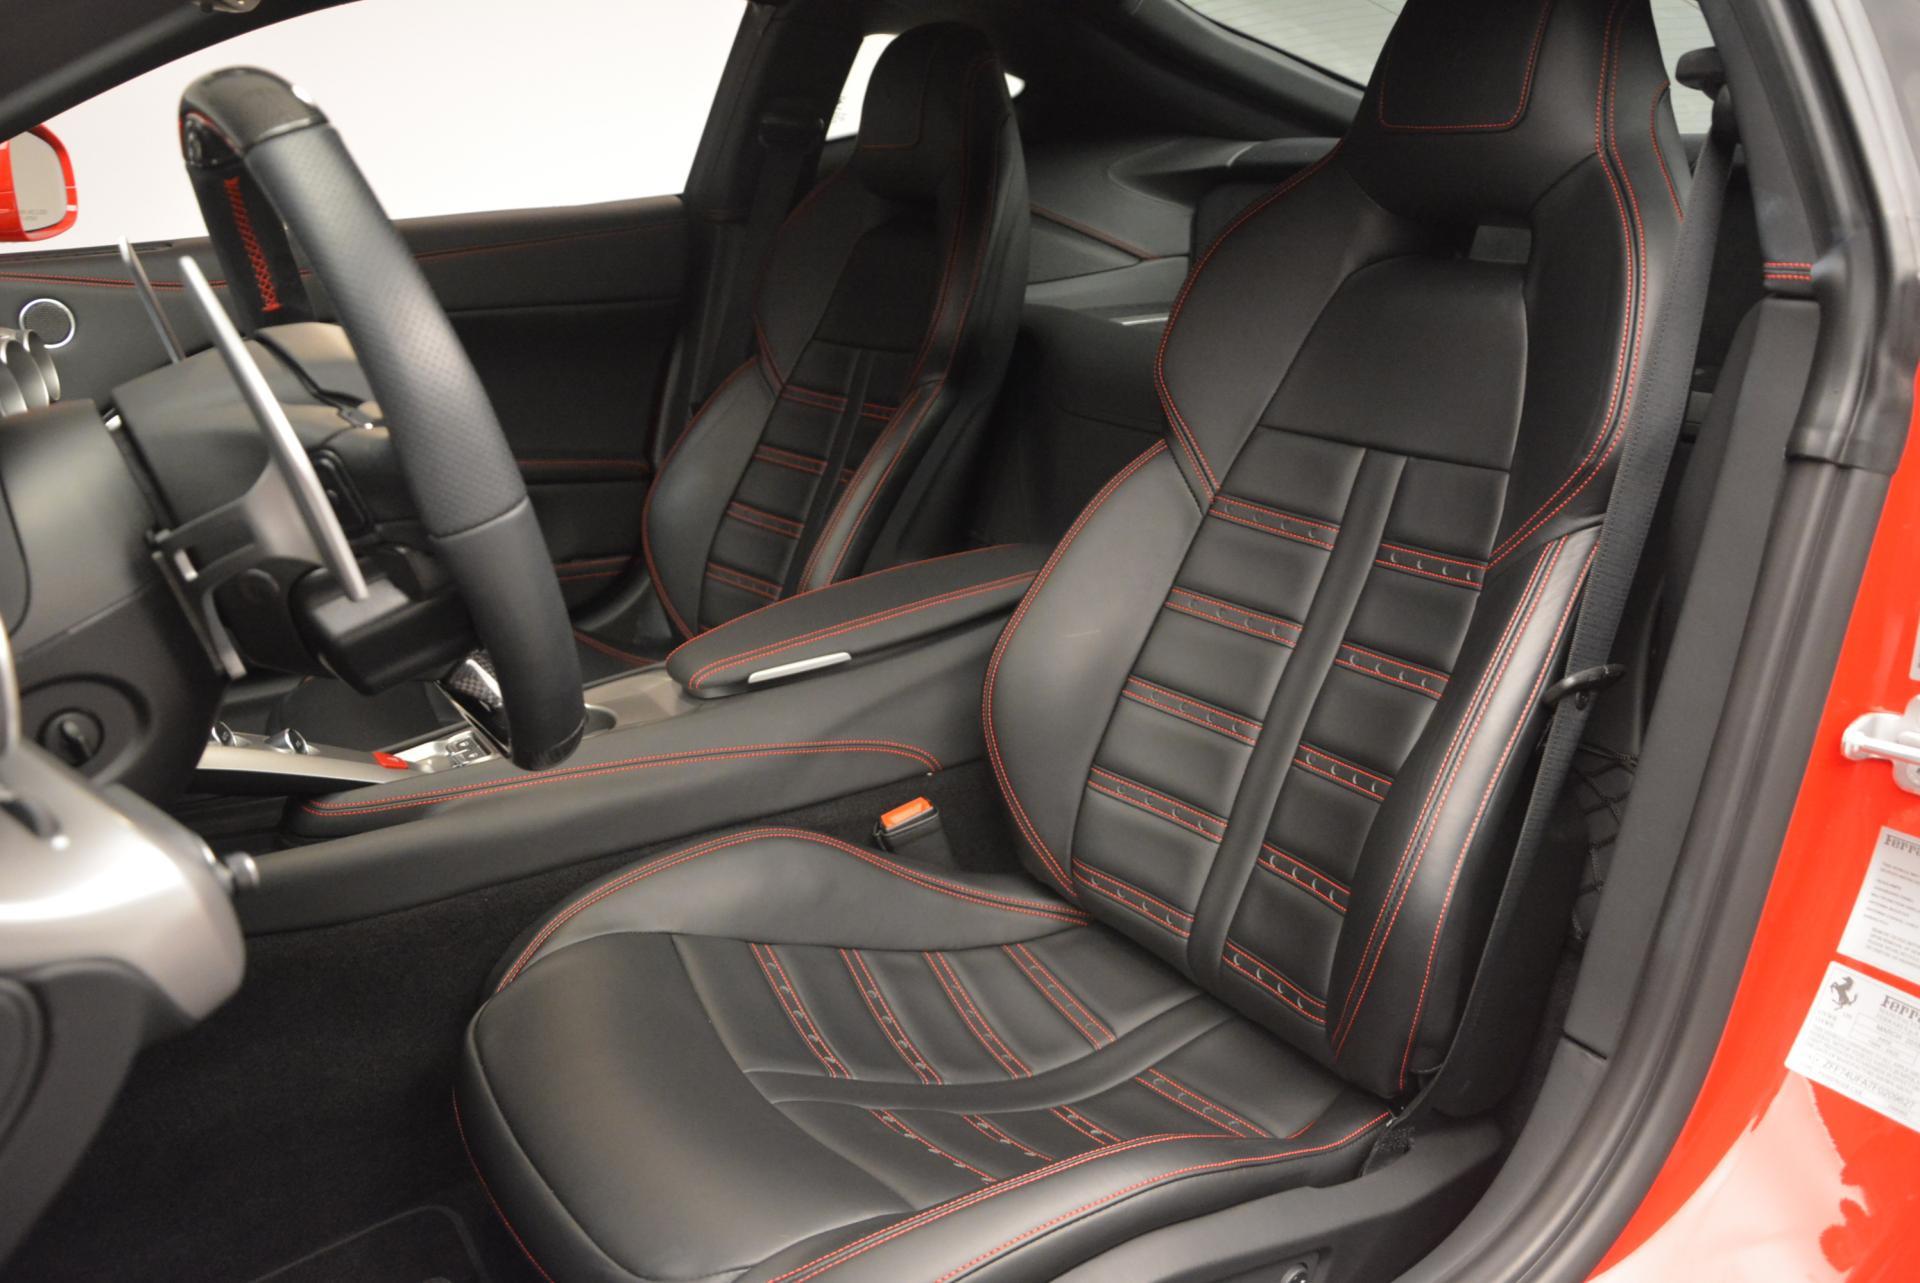 Used 2015 Ferrari F12 Berlinetta  For Sale In Greenwich, CT. Alfa Romeo of Greenwich, 4337 545_p14